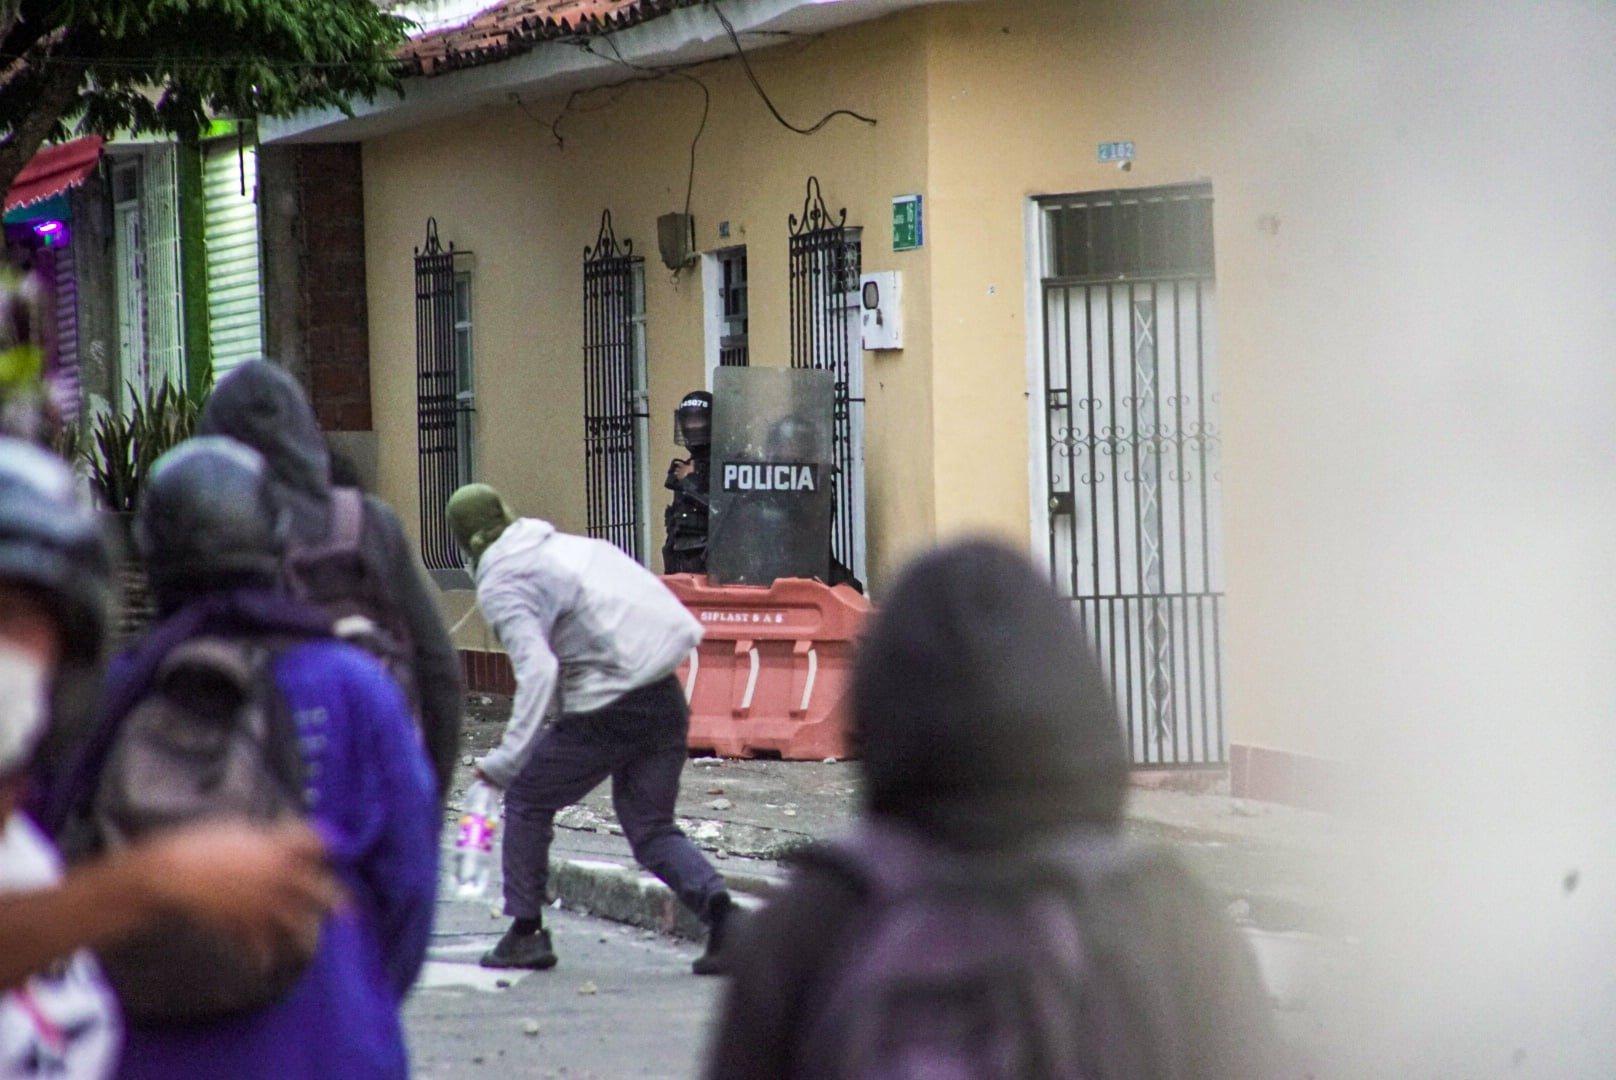 """Puede ser una imagen de una o varias personas, personas de pie, calle y texto que dice """"POLICIA"""""""